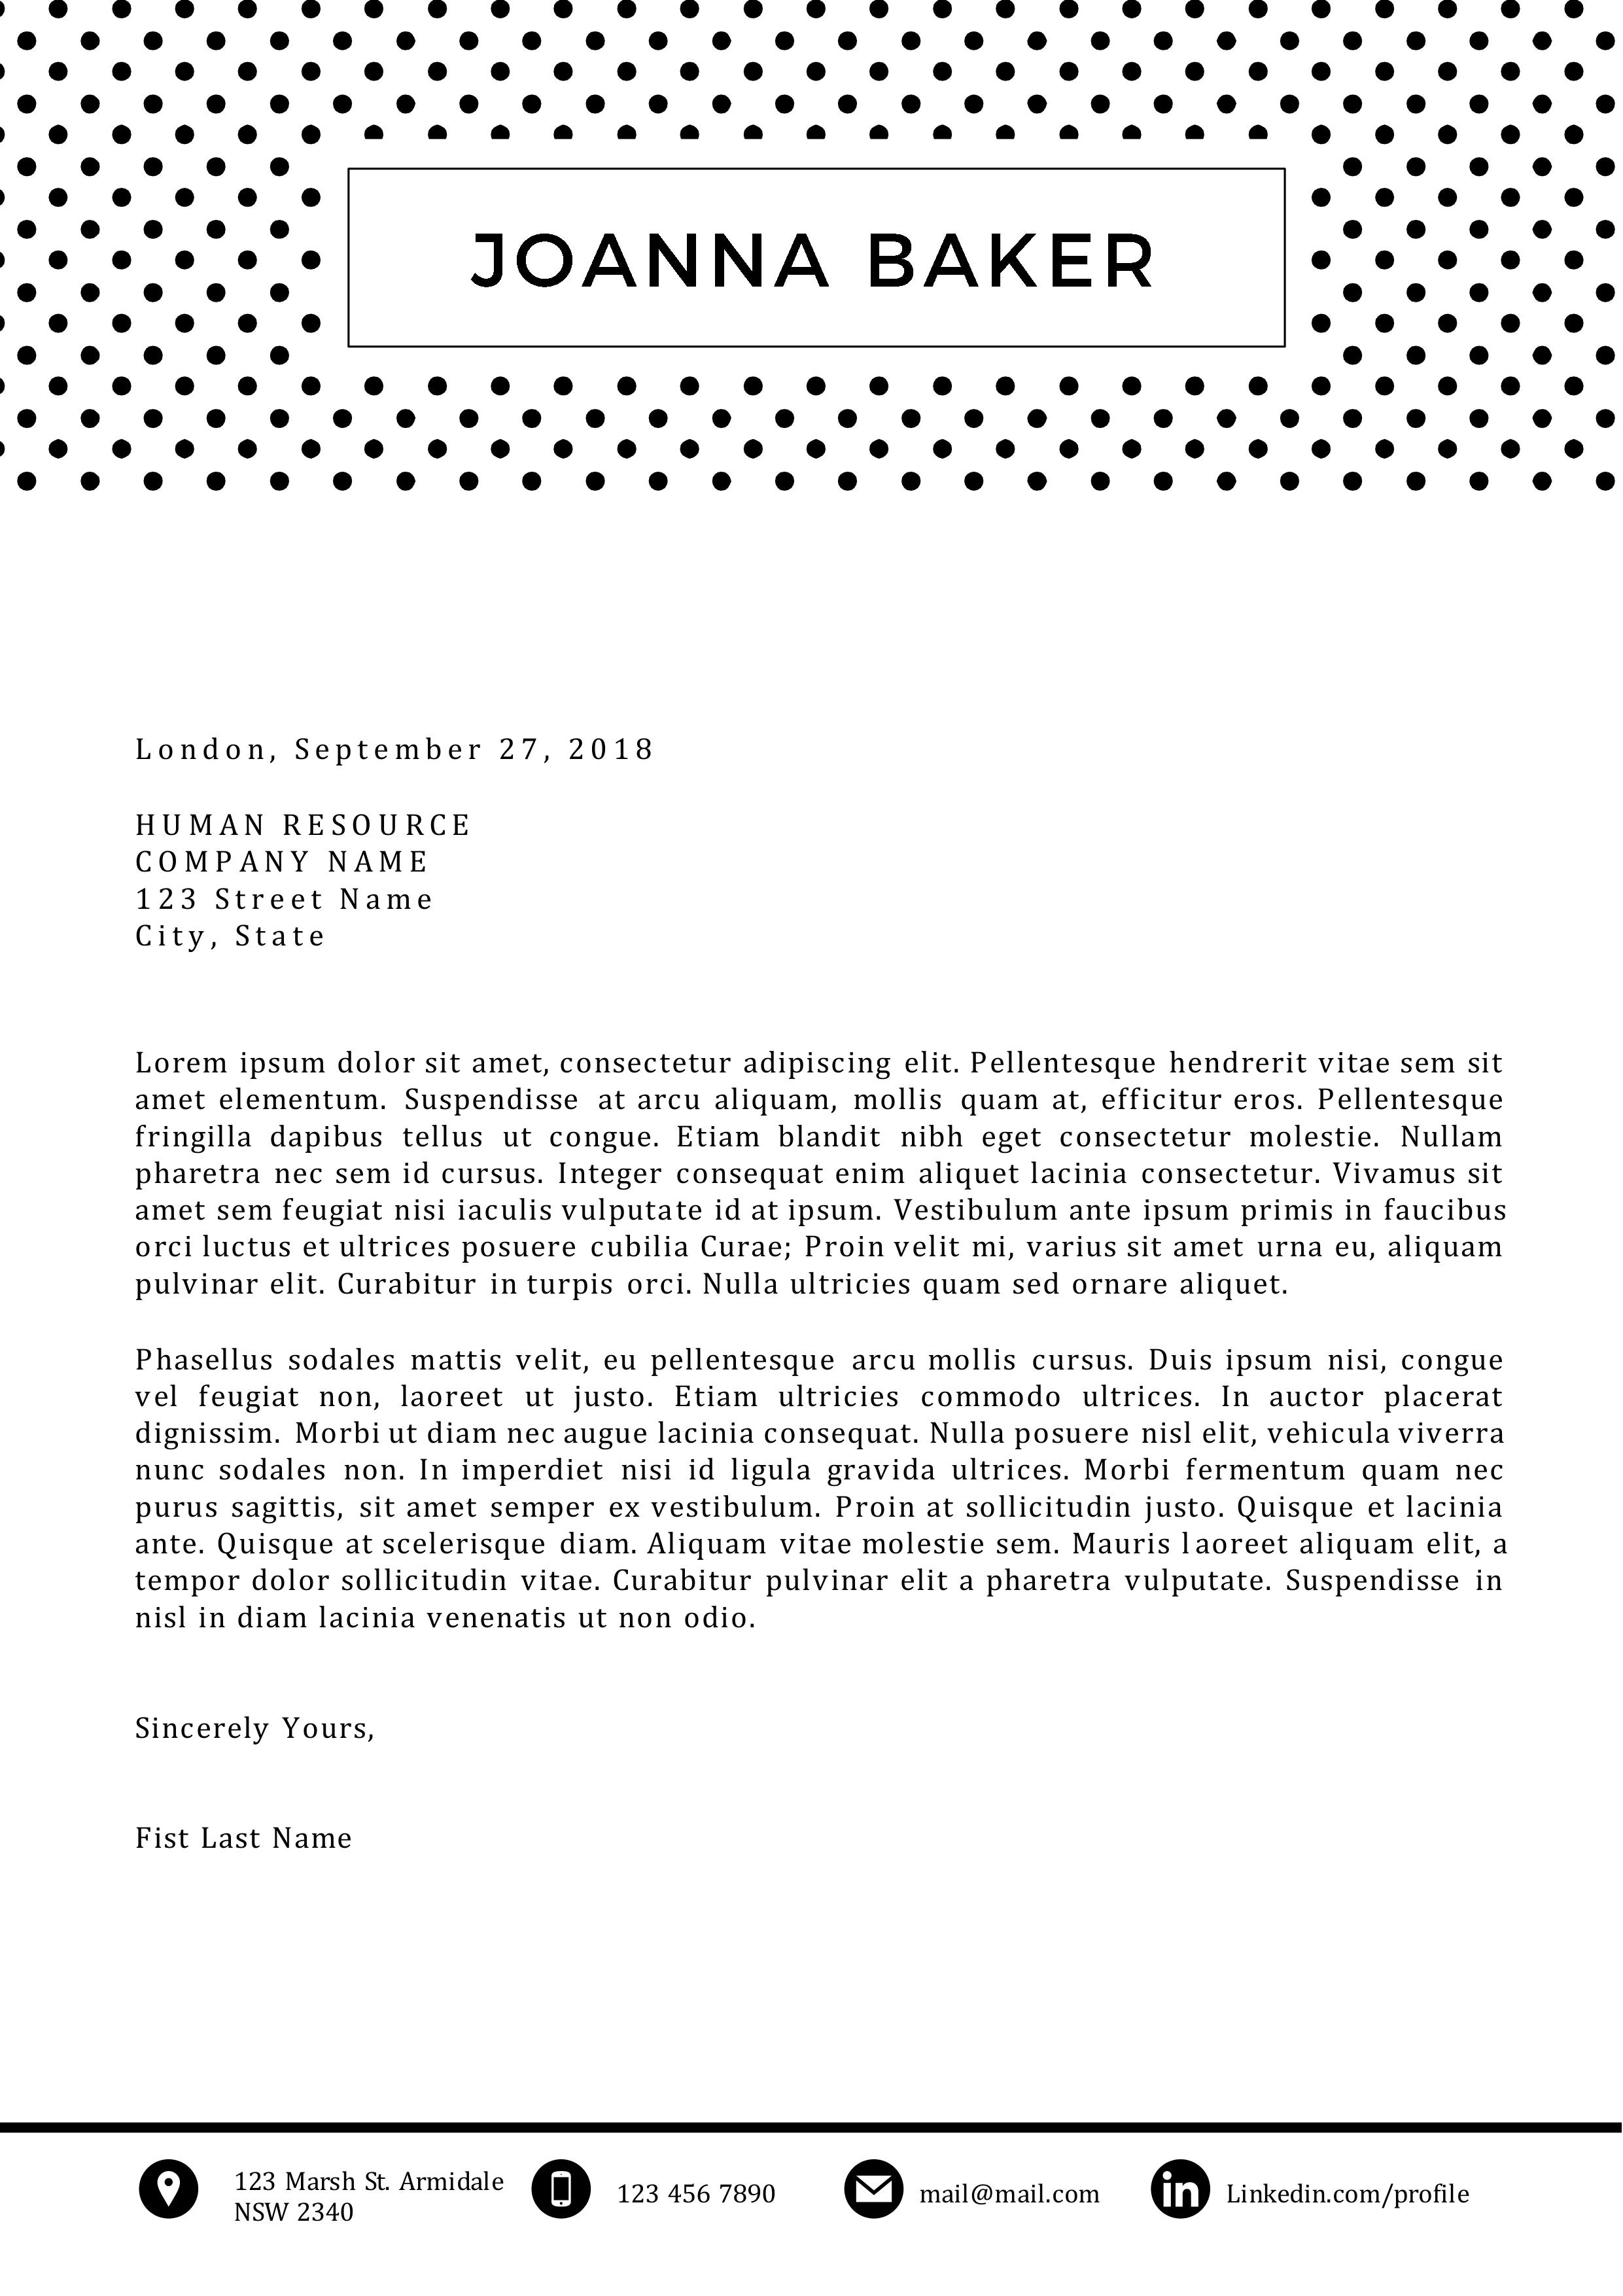 Joanna Baker Cover Letter ...